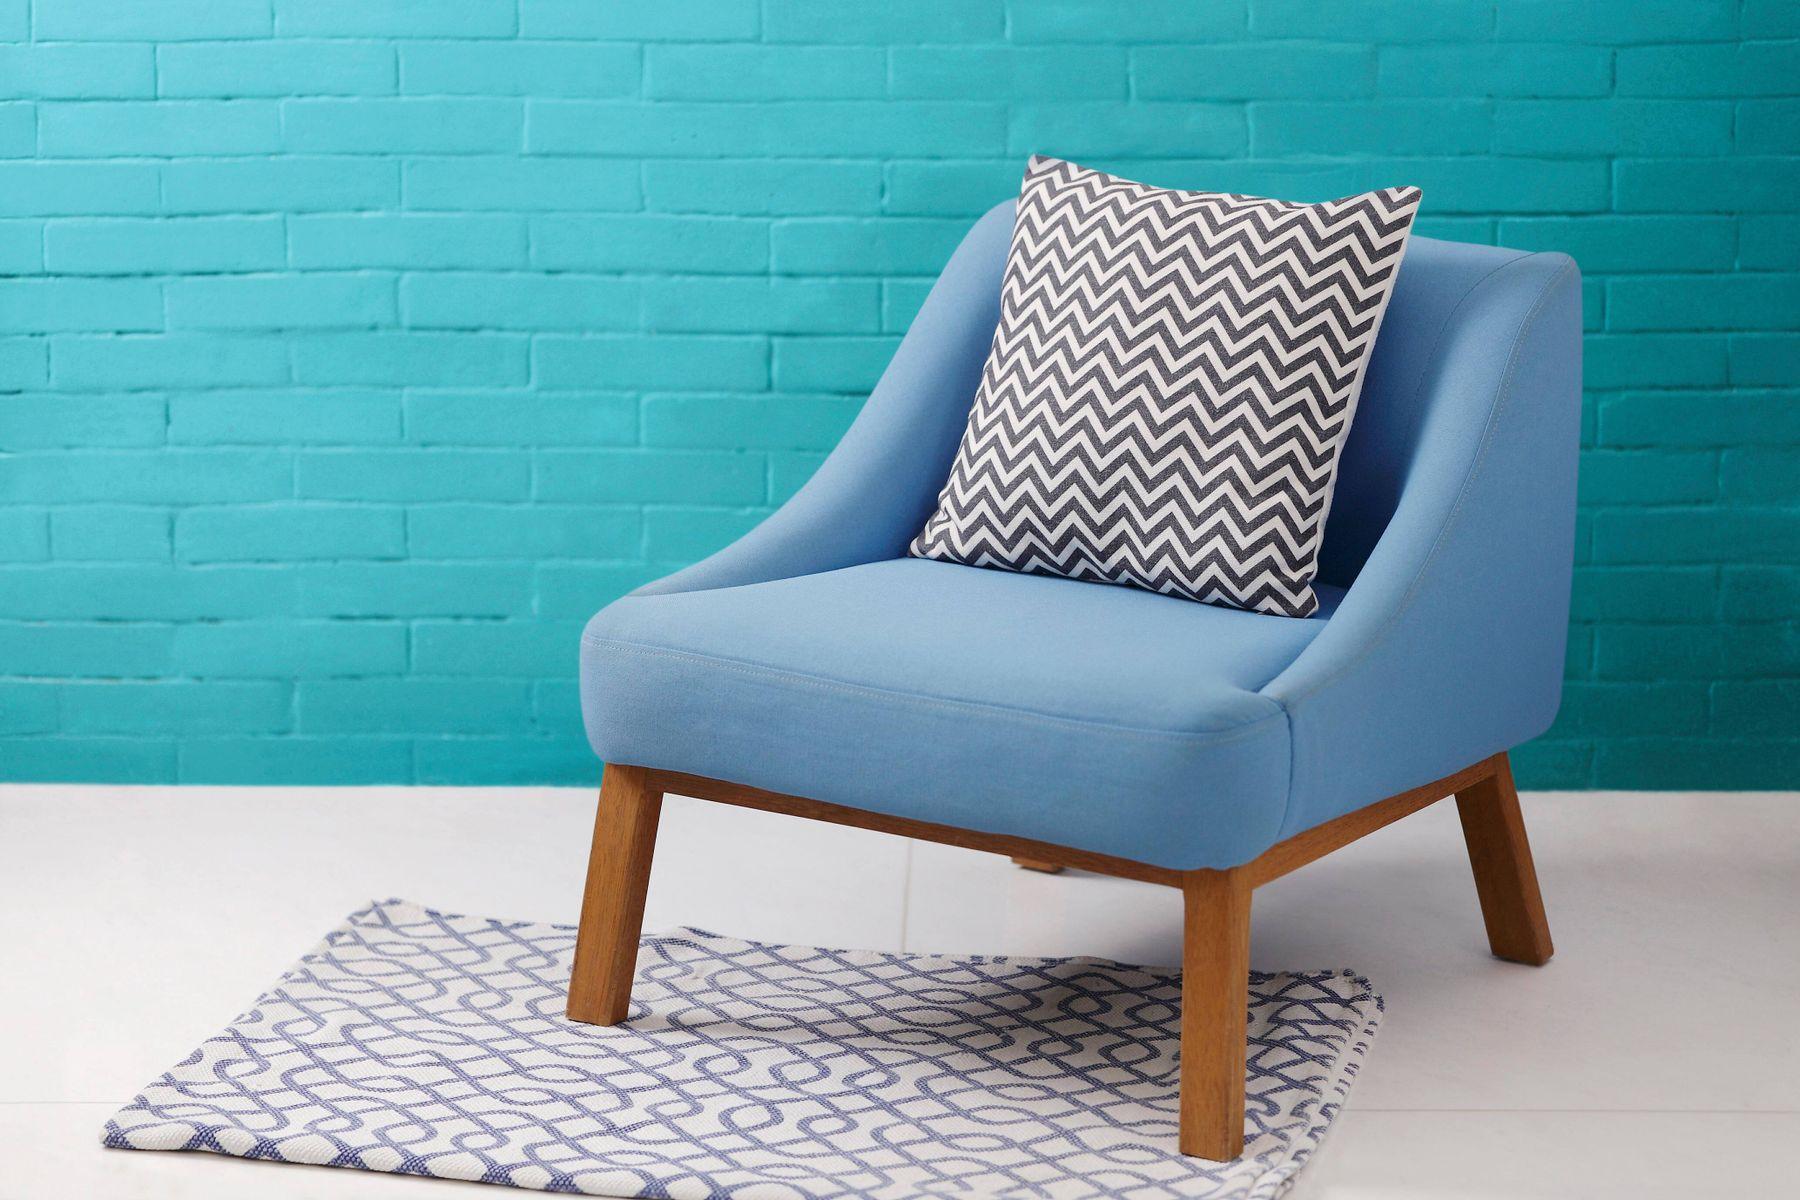 blauwe stoel tegen een blauwe muur